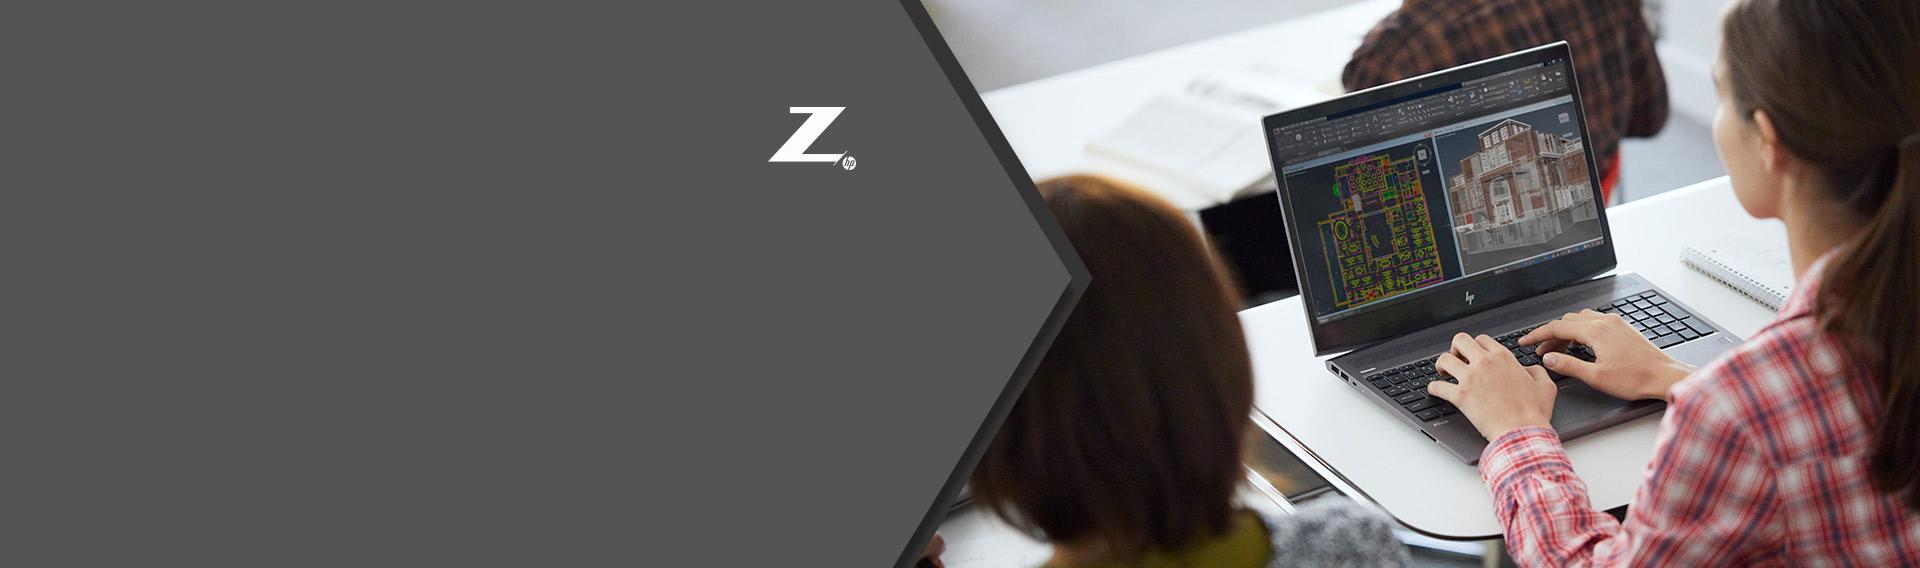 Maximiza el poder de tu imaginación con ZBOOK.